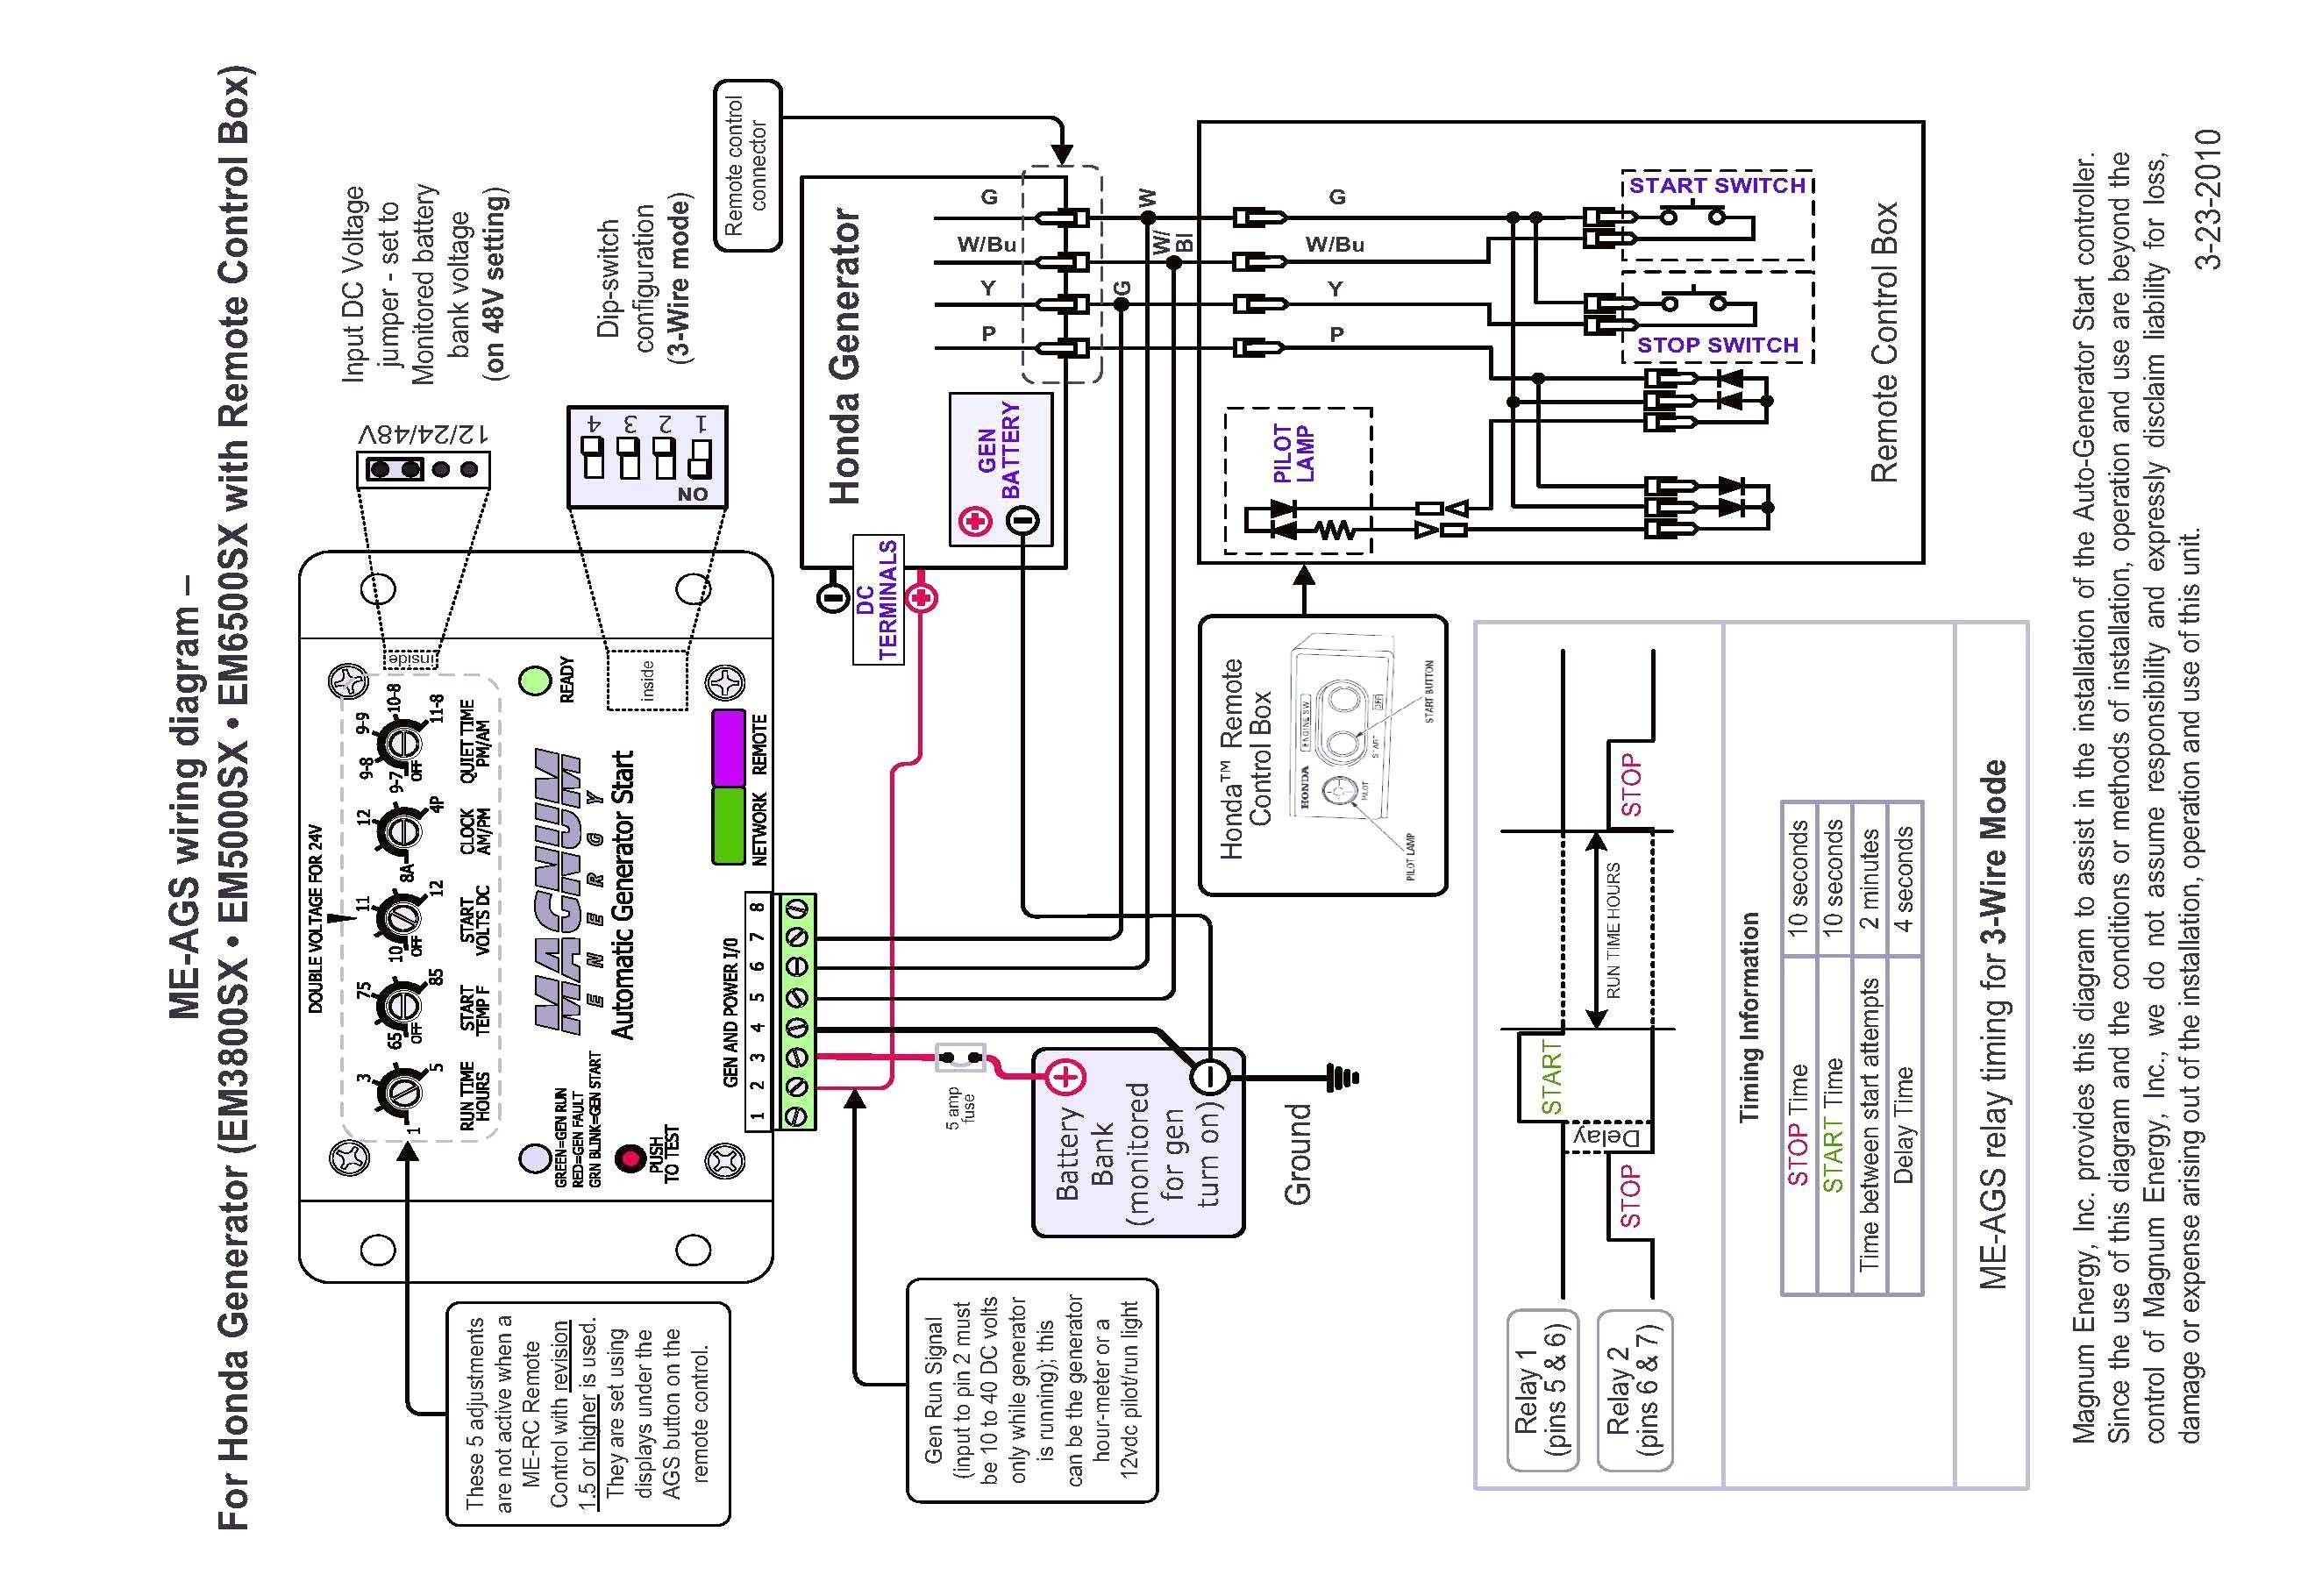 Unique Wiring Diagram Backup Generator Diagram